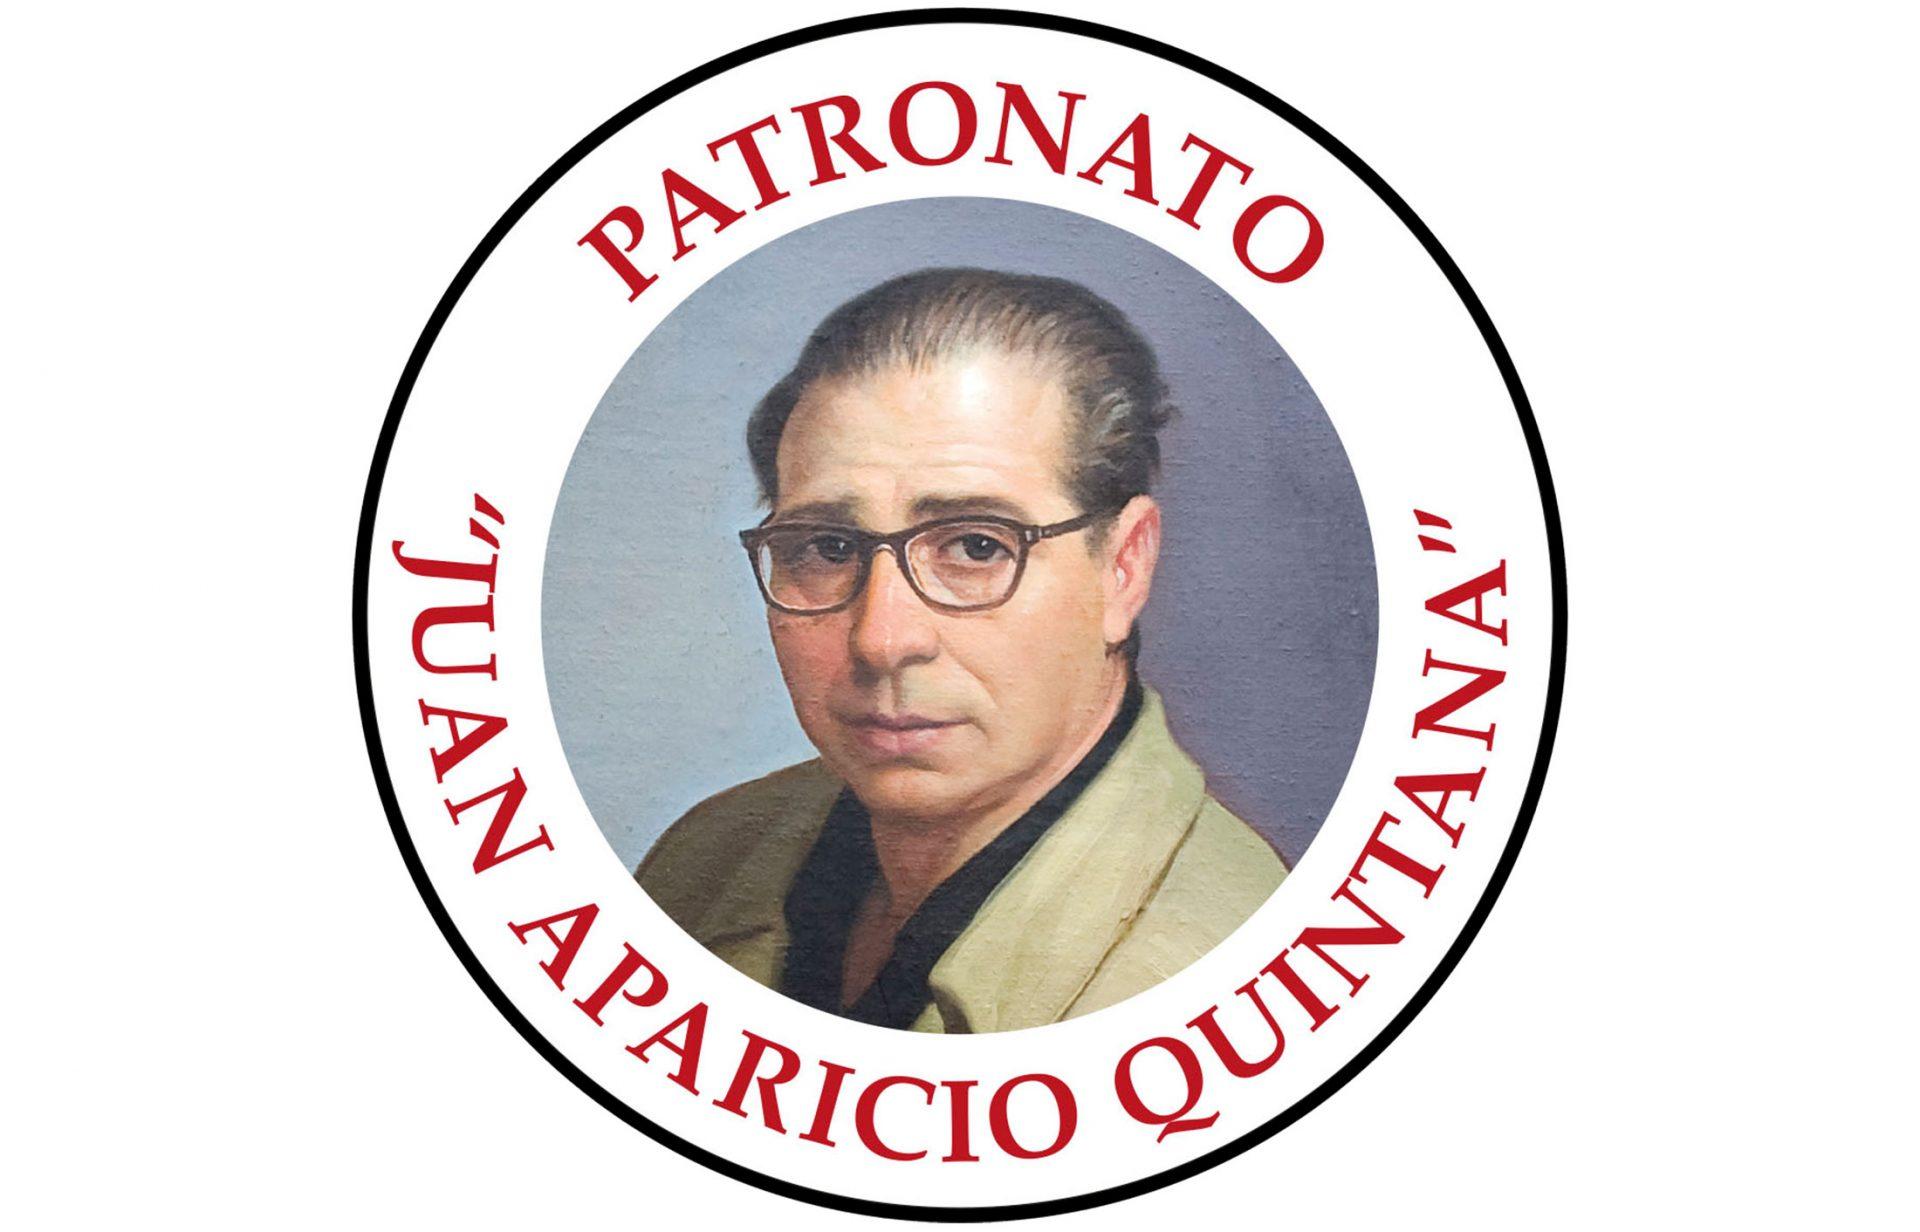 Juan Aparicio Quintana